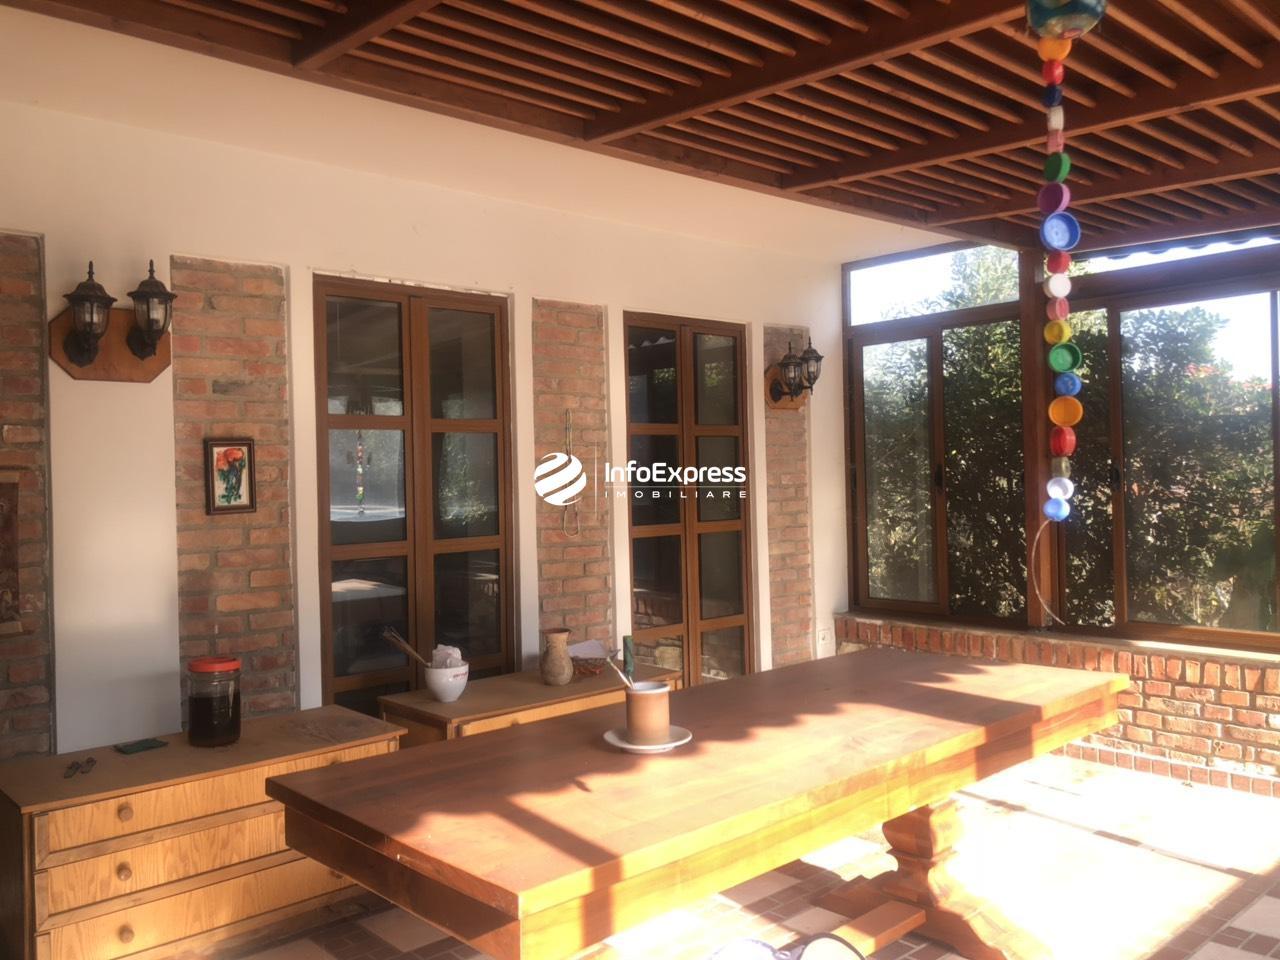 TRS-0618-1194 Shitet Rezidence ndertuar brenda nje trualli me siperfaqe prej 1300 m2